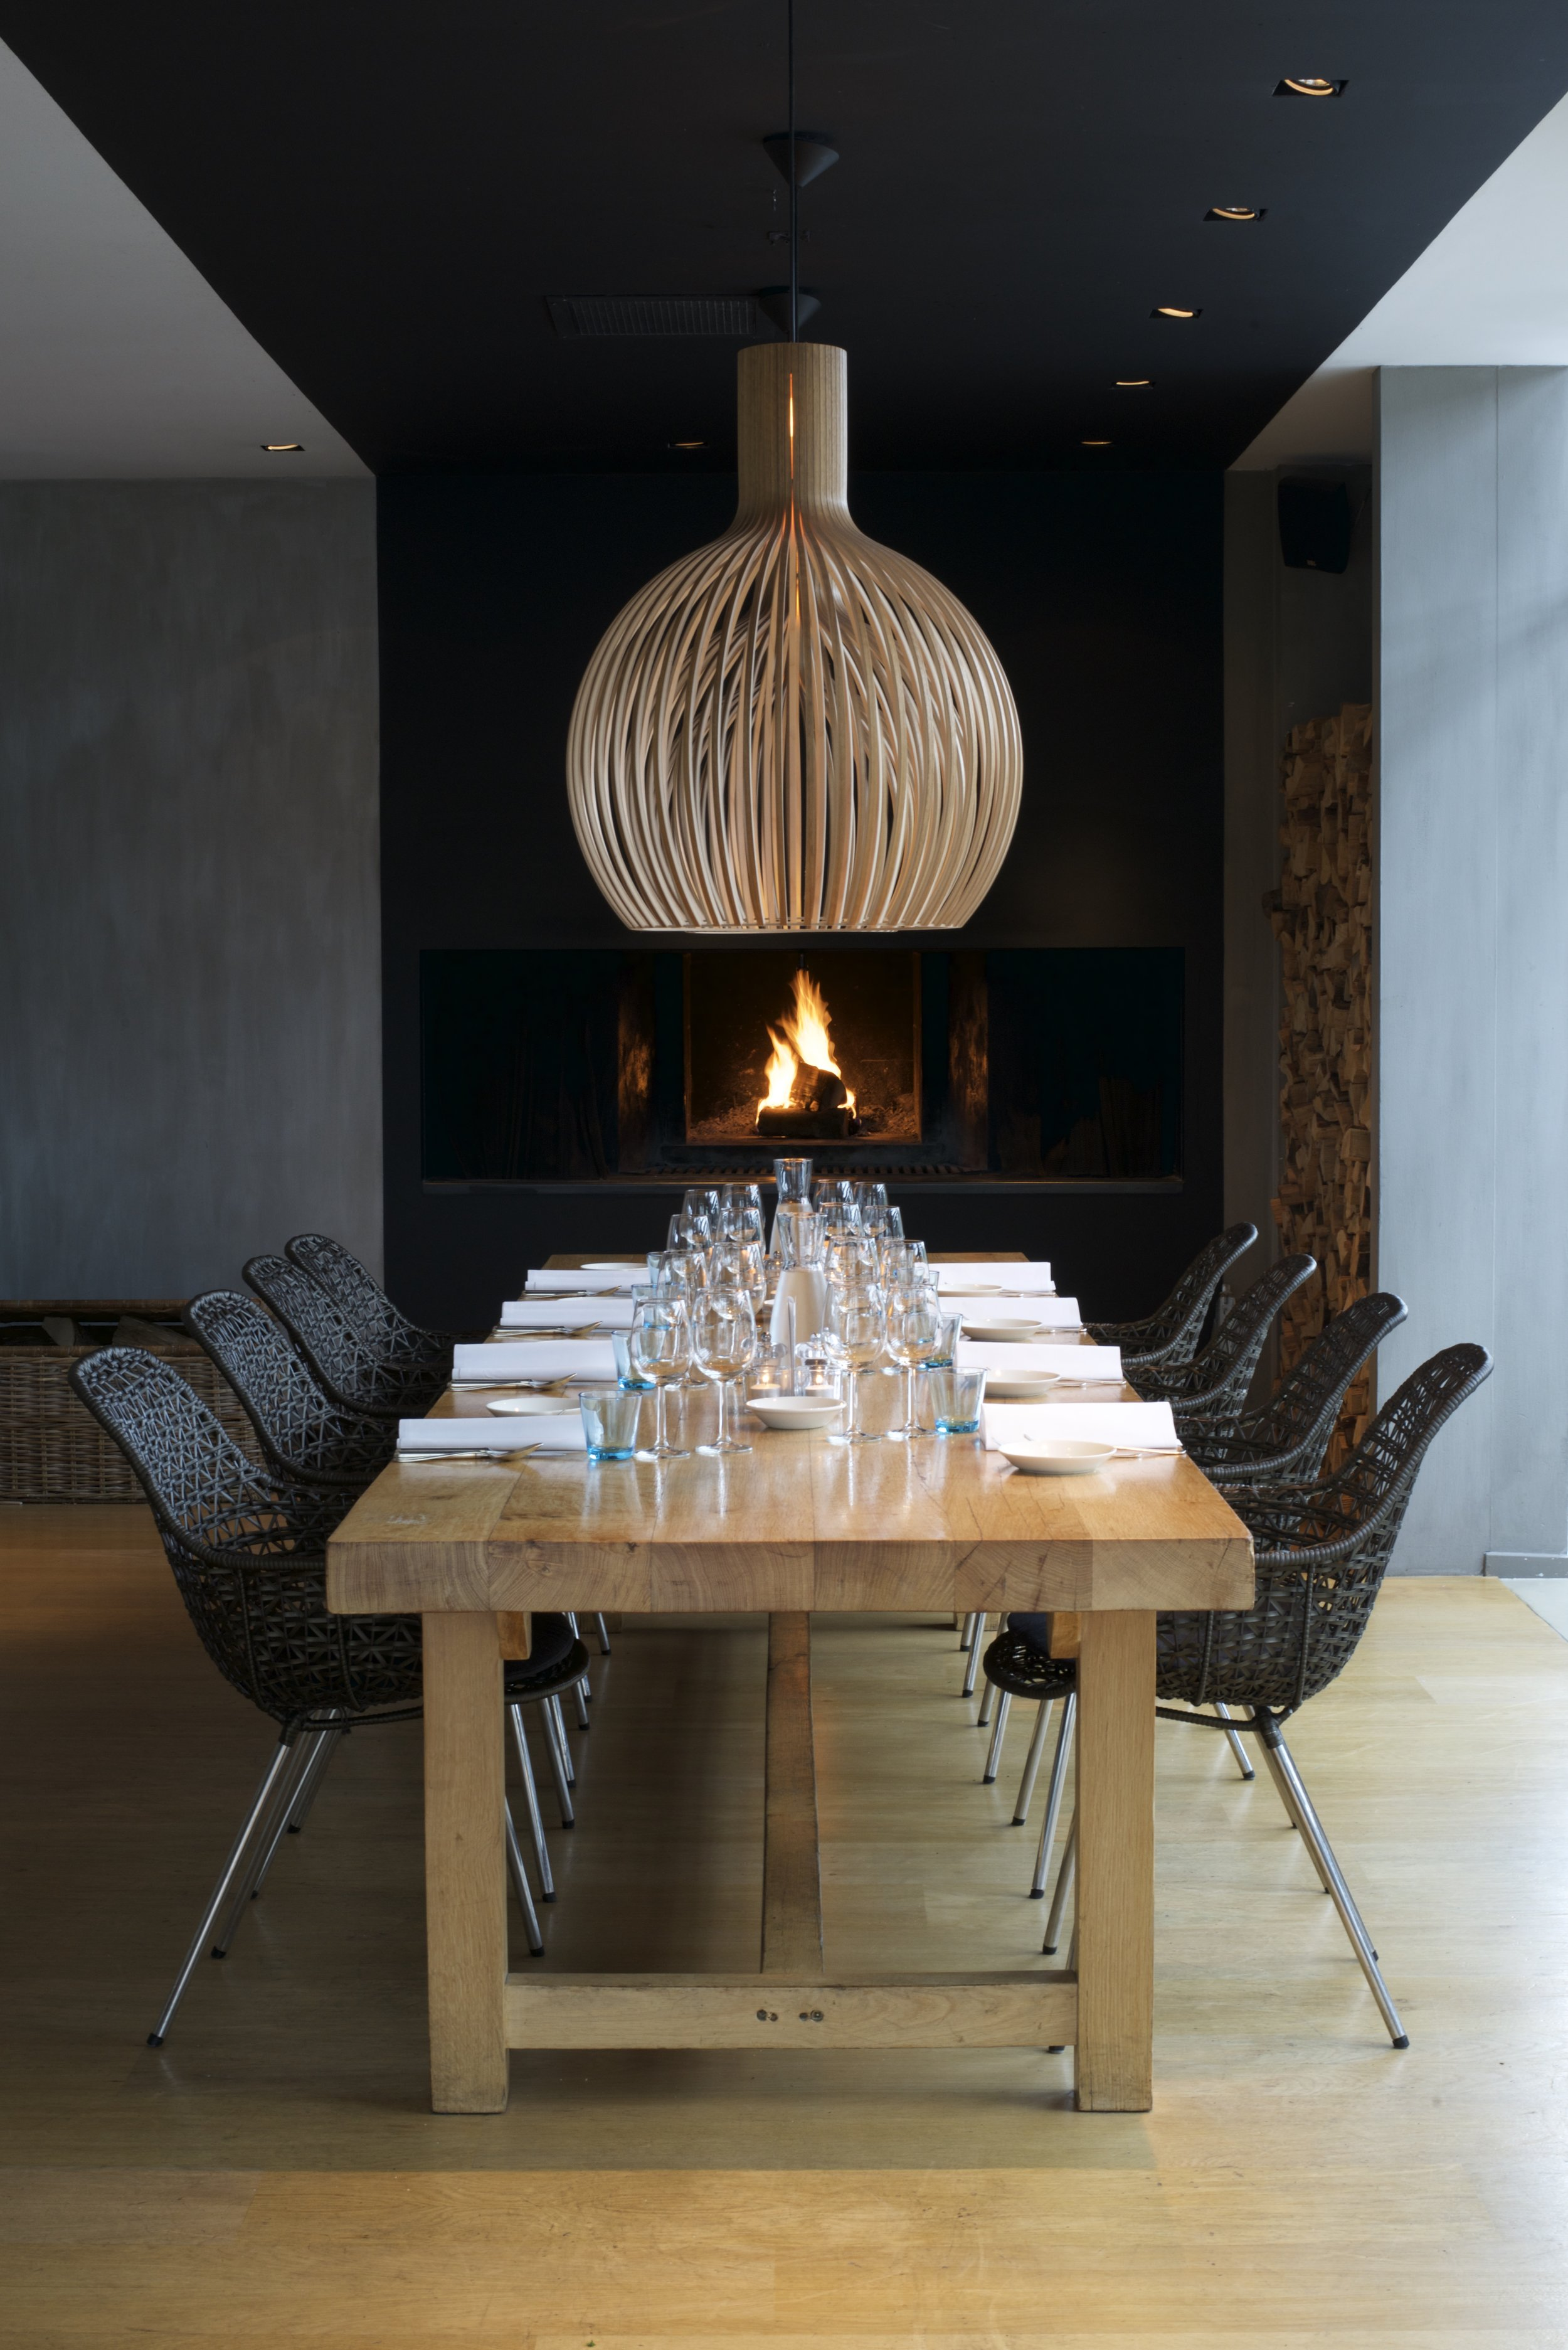 STAMTAFEL - Een fijne plek voor een levendig diner voor de open haard bij de bar.(8-14 personen)